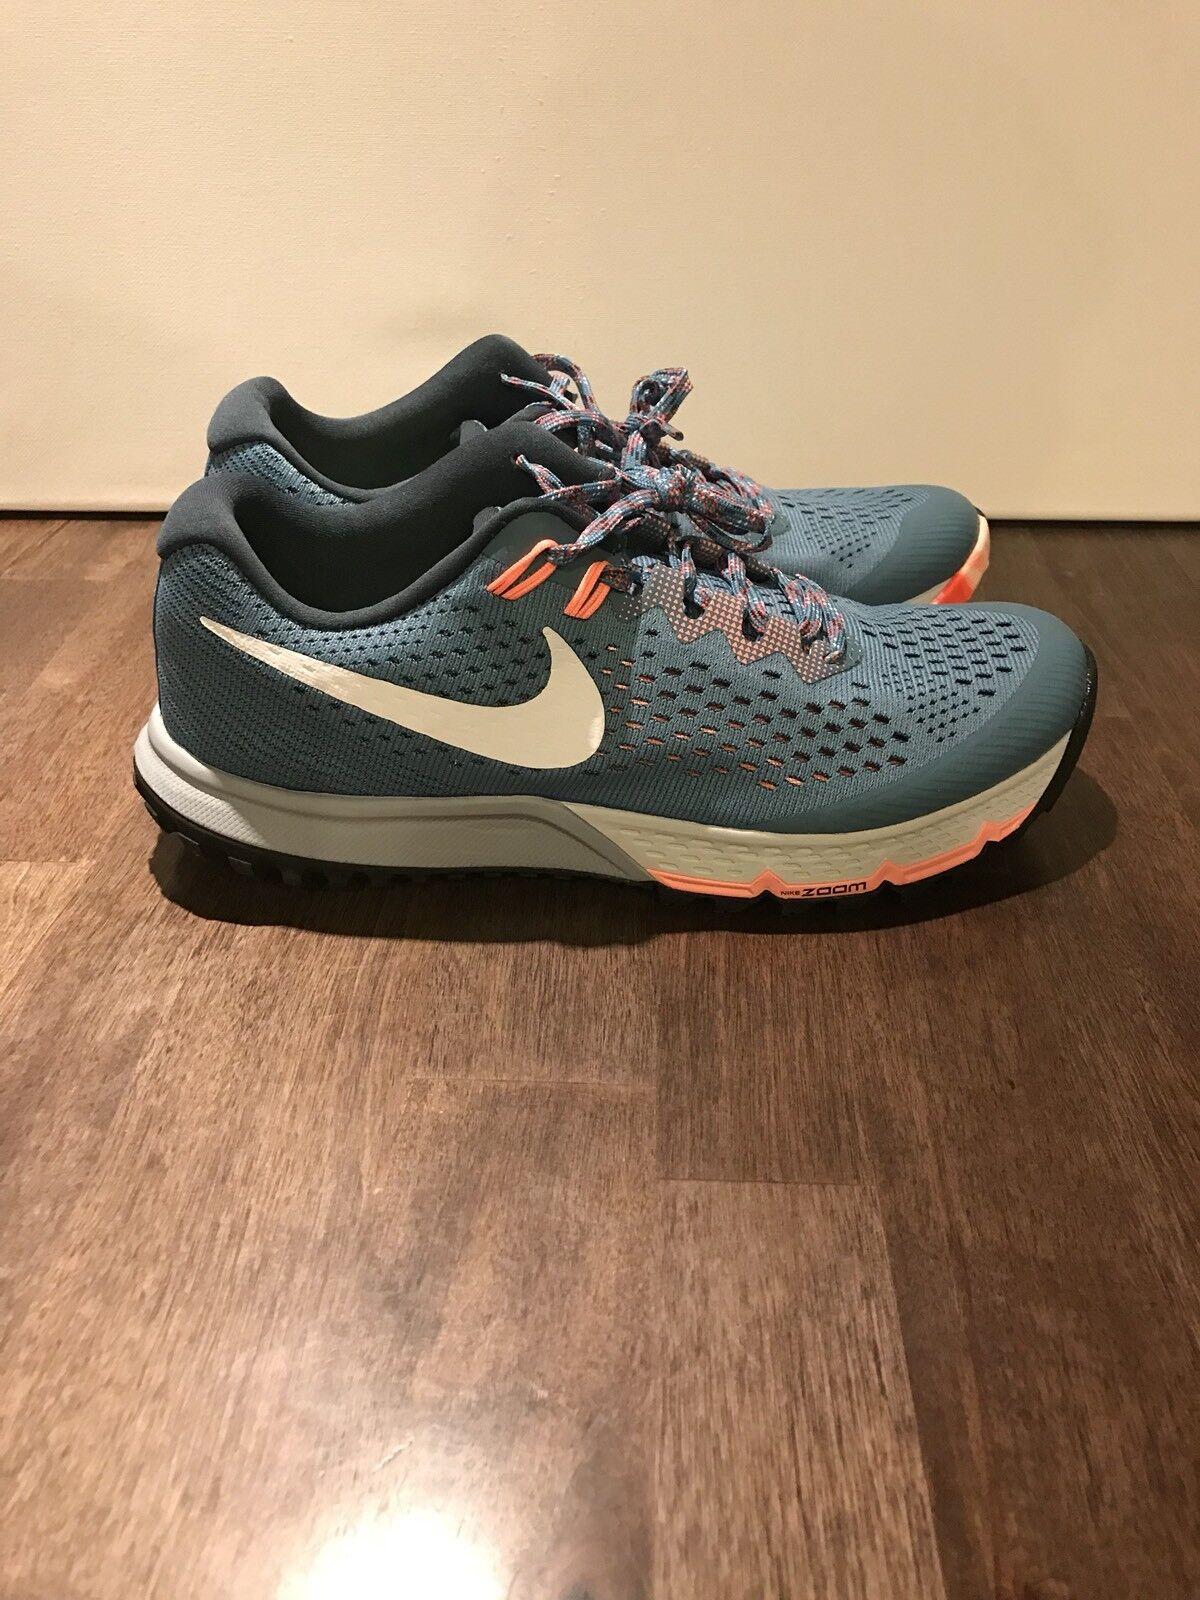 Nike Air Zoom Terra Kiger 4 Trail springa skor 880564 -401 sz 6 Nya kvinnor